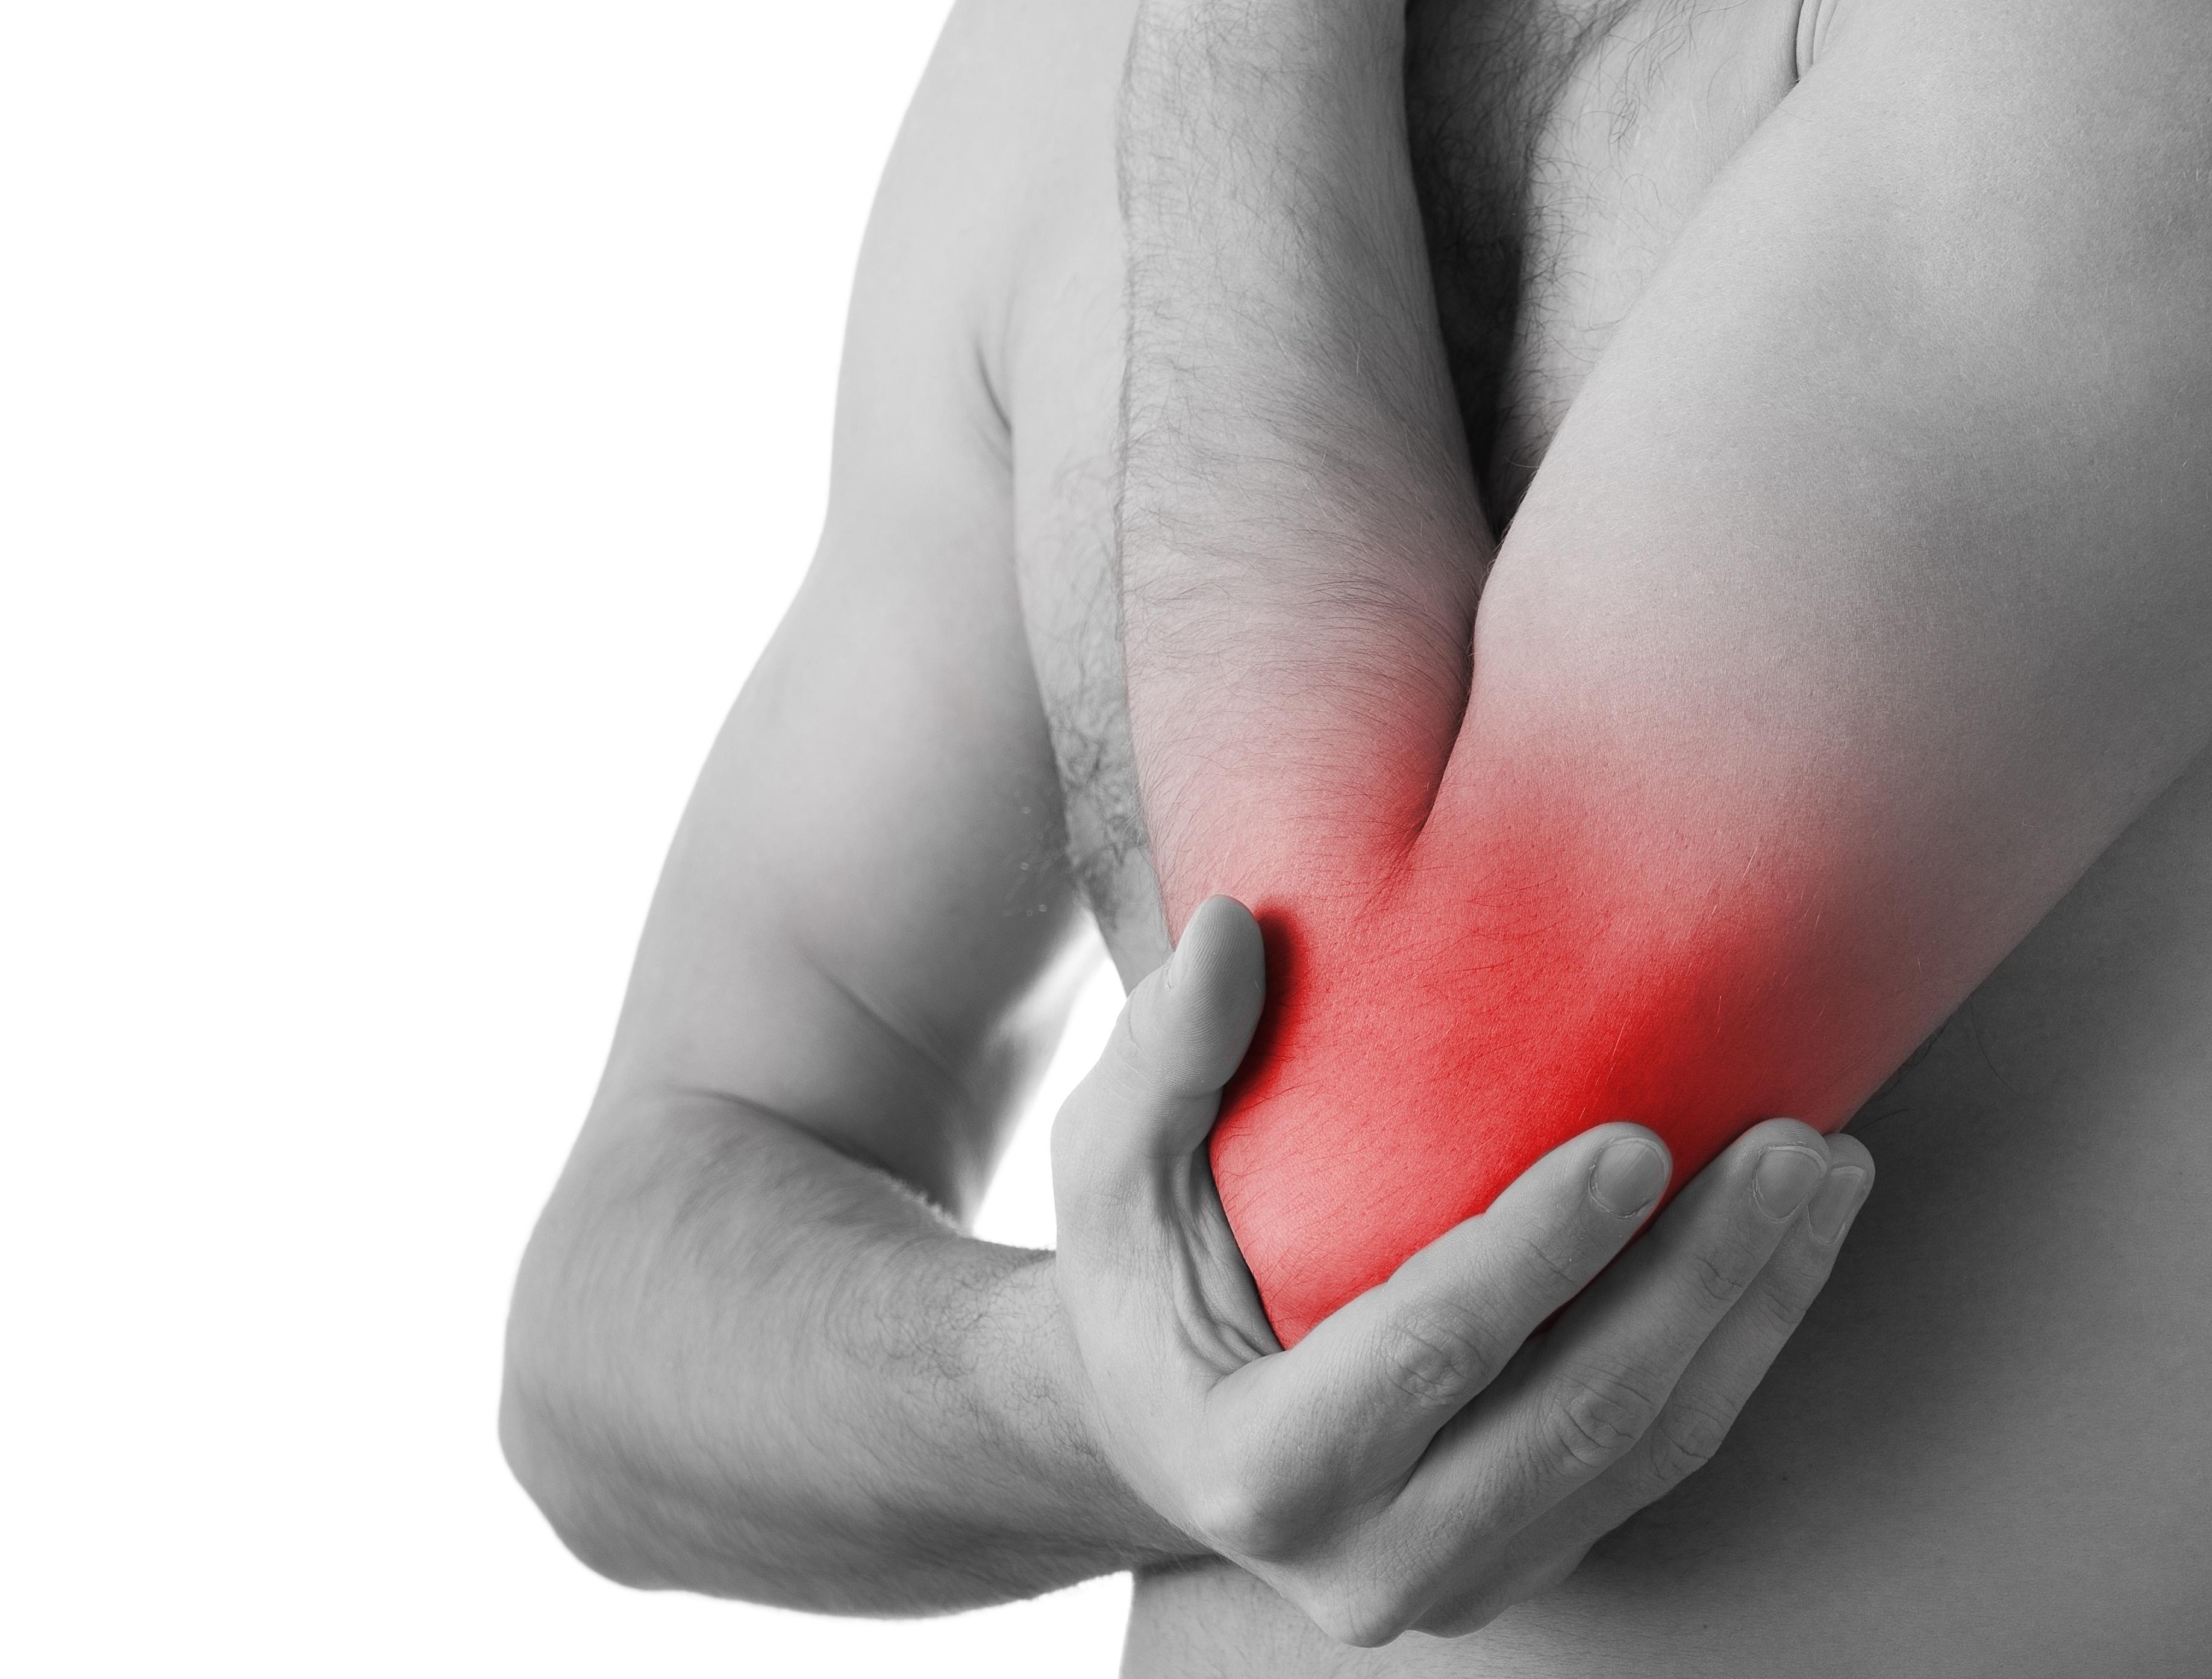 ayurvédikus kenőcs ízületi fájdalmak esetén)